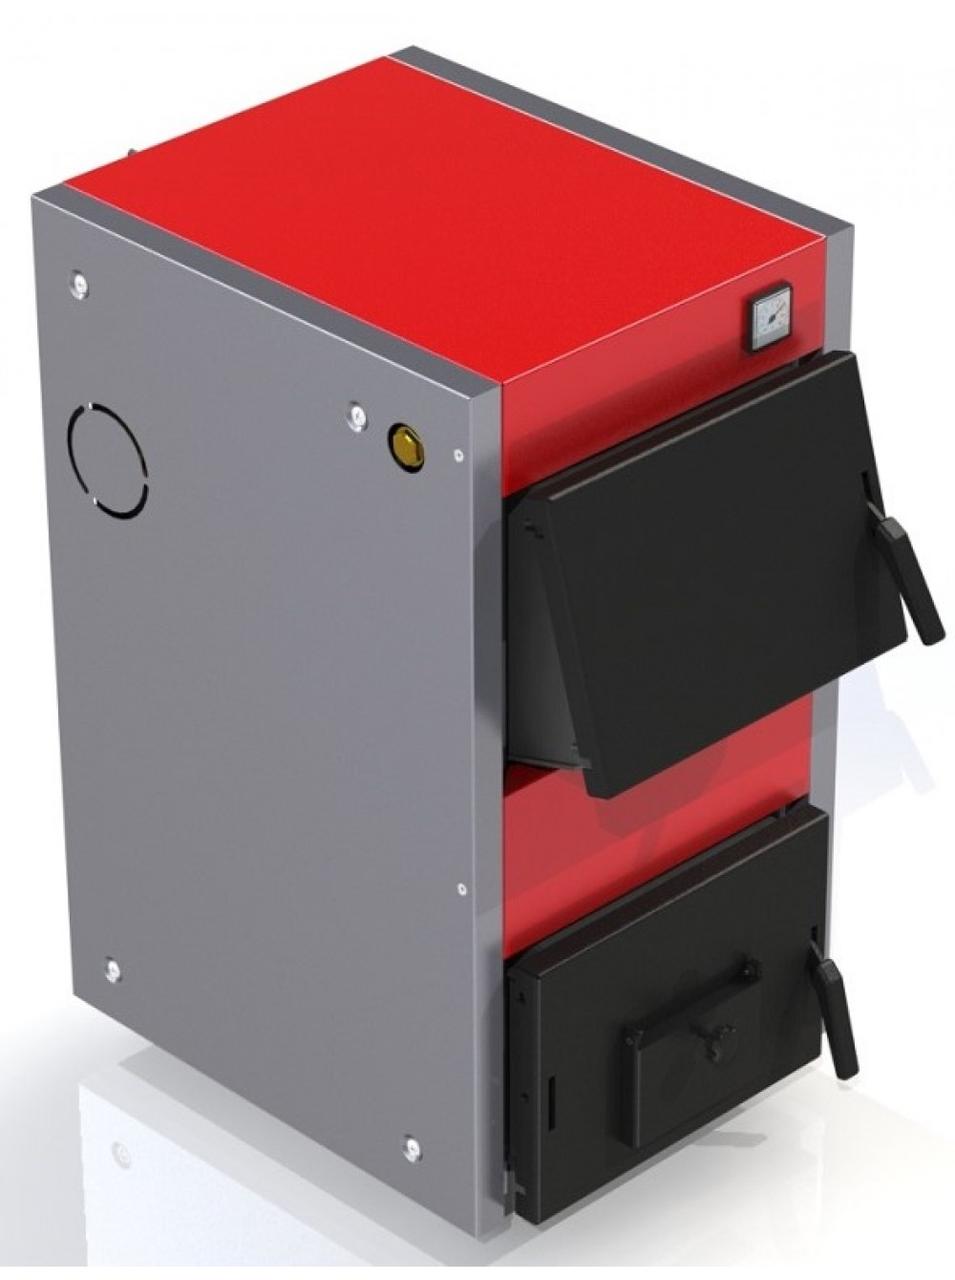 Твердотопливный котел ProTech D Luxe 30 кВт  укомплектован термометром с погружным термобаллоном